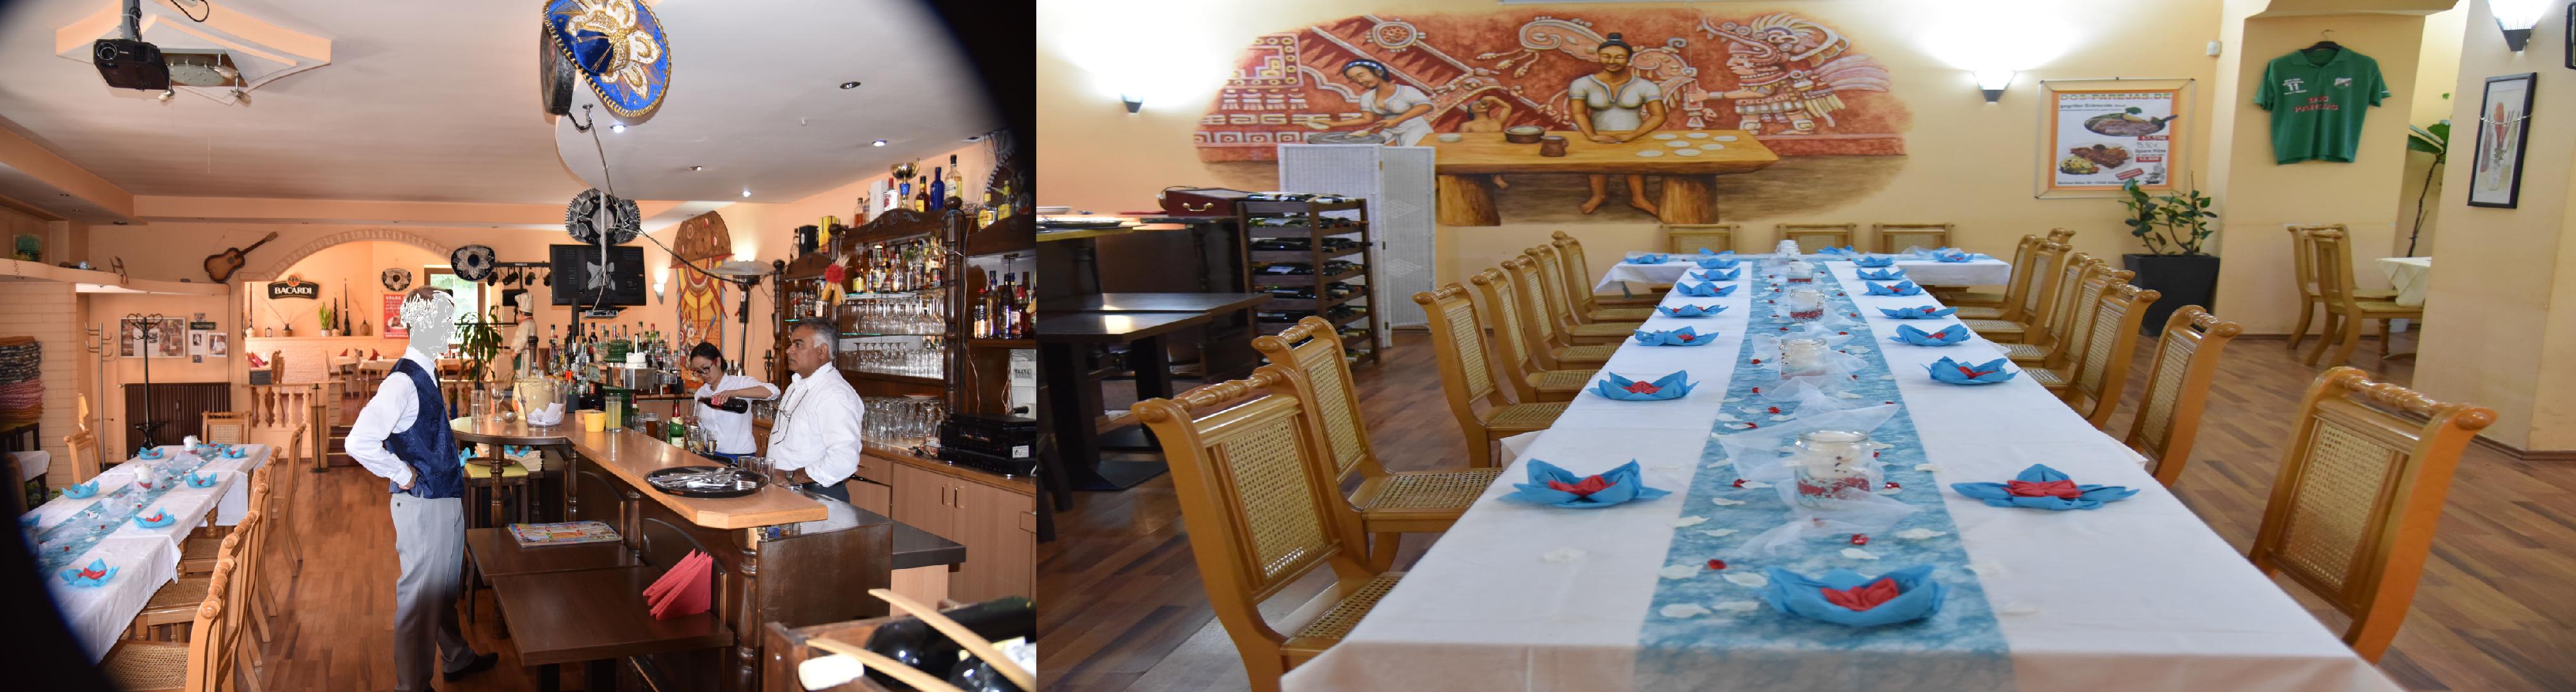 Bild 1 von Dos Parejas - Mexikanisches Restaurant